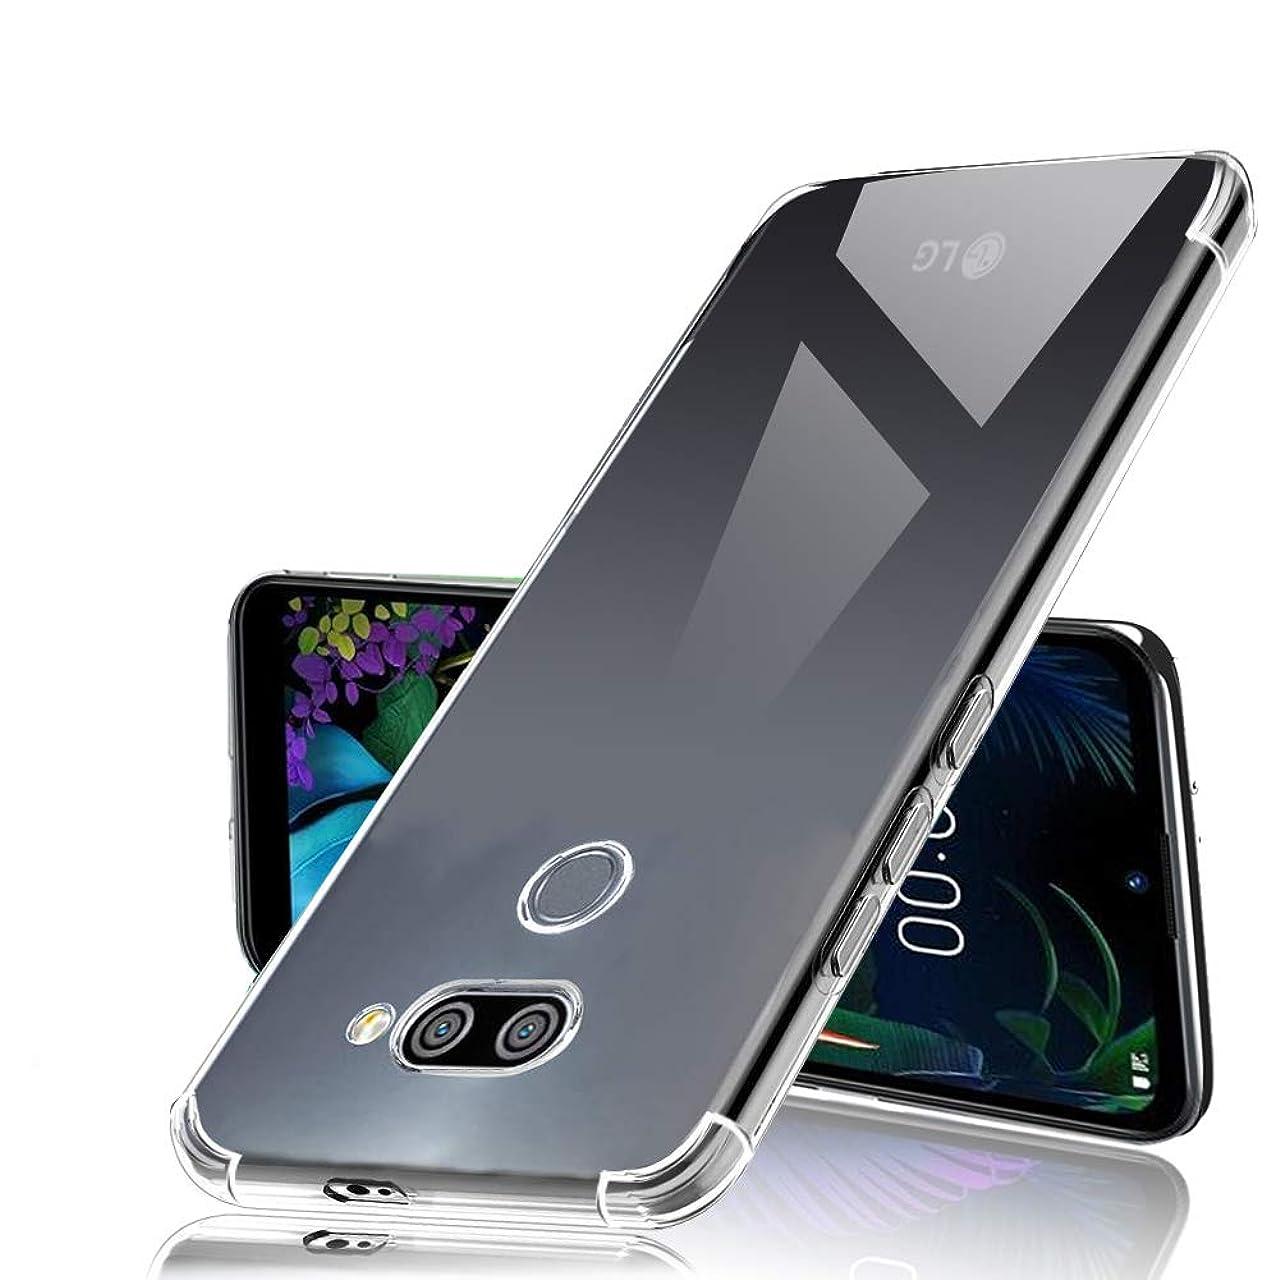 ガードほんのタービンLG K50 ケース [ZXZone] LG K50 レンズ保護 耐衝撃 指紋防止 超薄型 超耐磨 軽量 LG K50 スマートフォンケース (LG K50 ケース クリア)